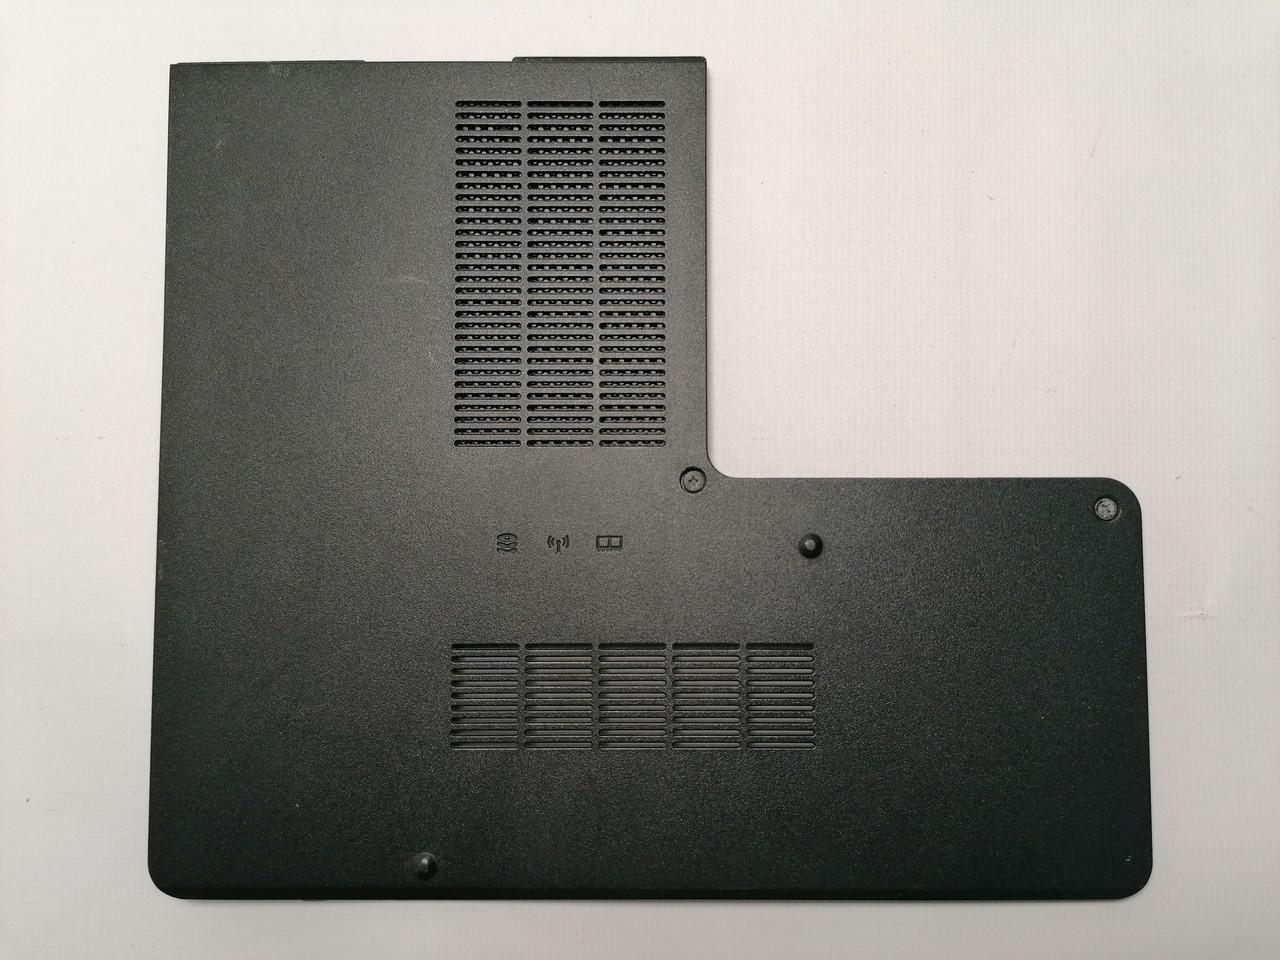 Б/У корпус сервисная крышка для HP Pavilion G6-1000 Series